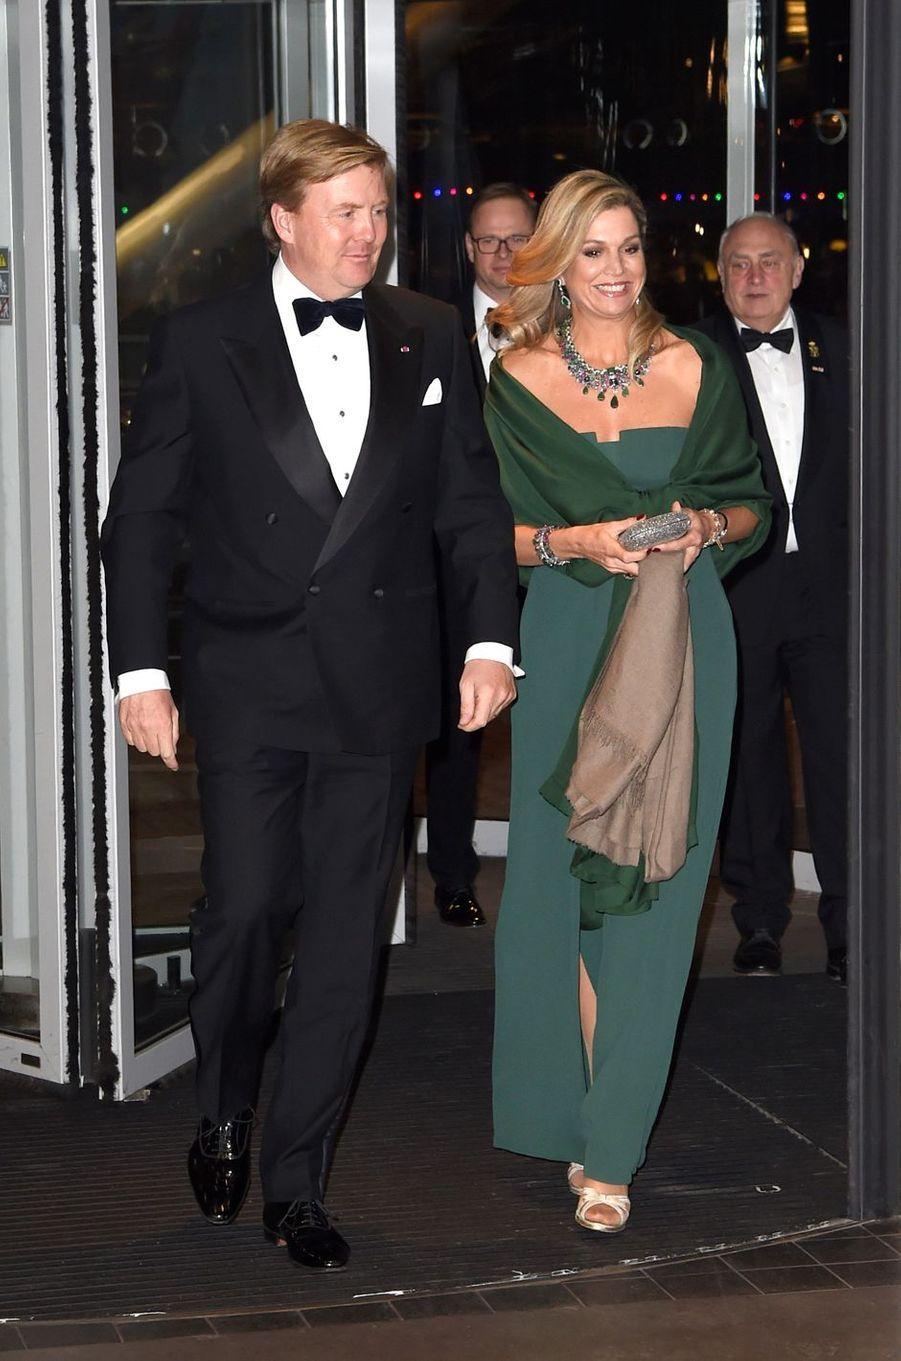 La reine Maxima et le roi Willem-Alexander des Pays-Bas à Amsterdam, le 29 novembre 2016